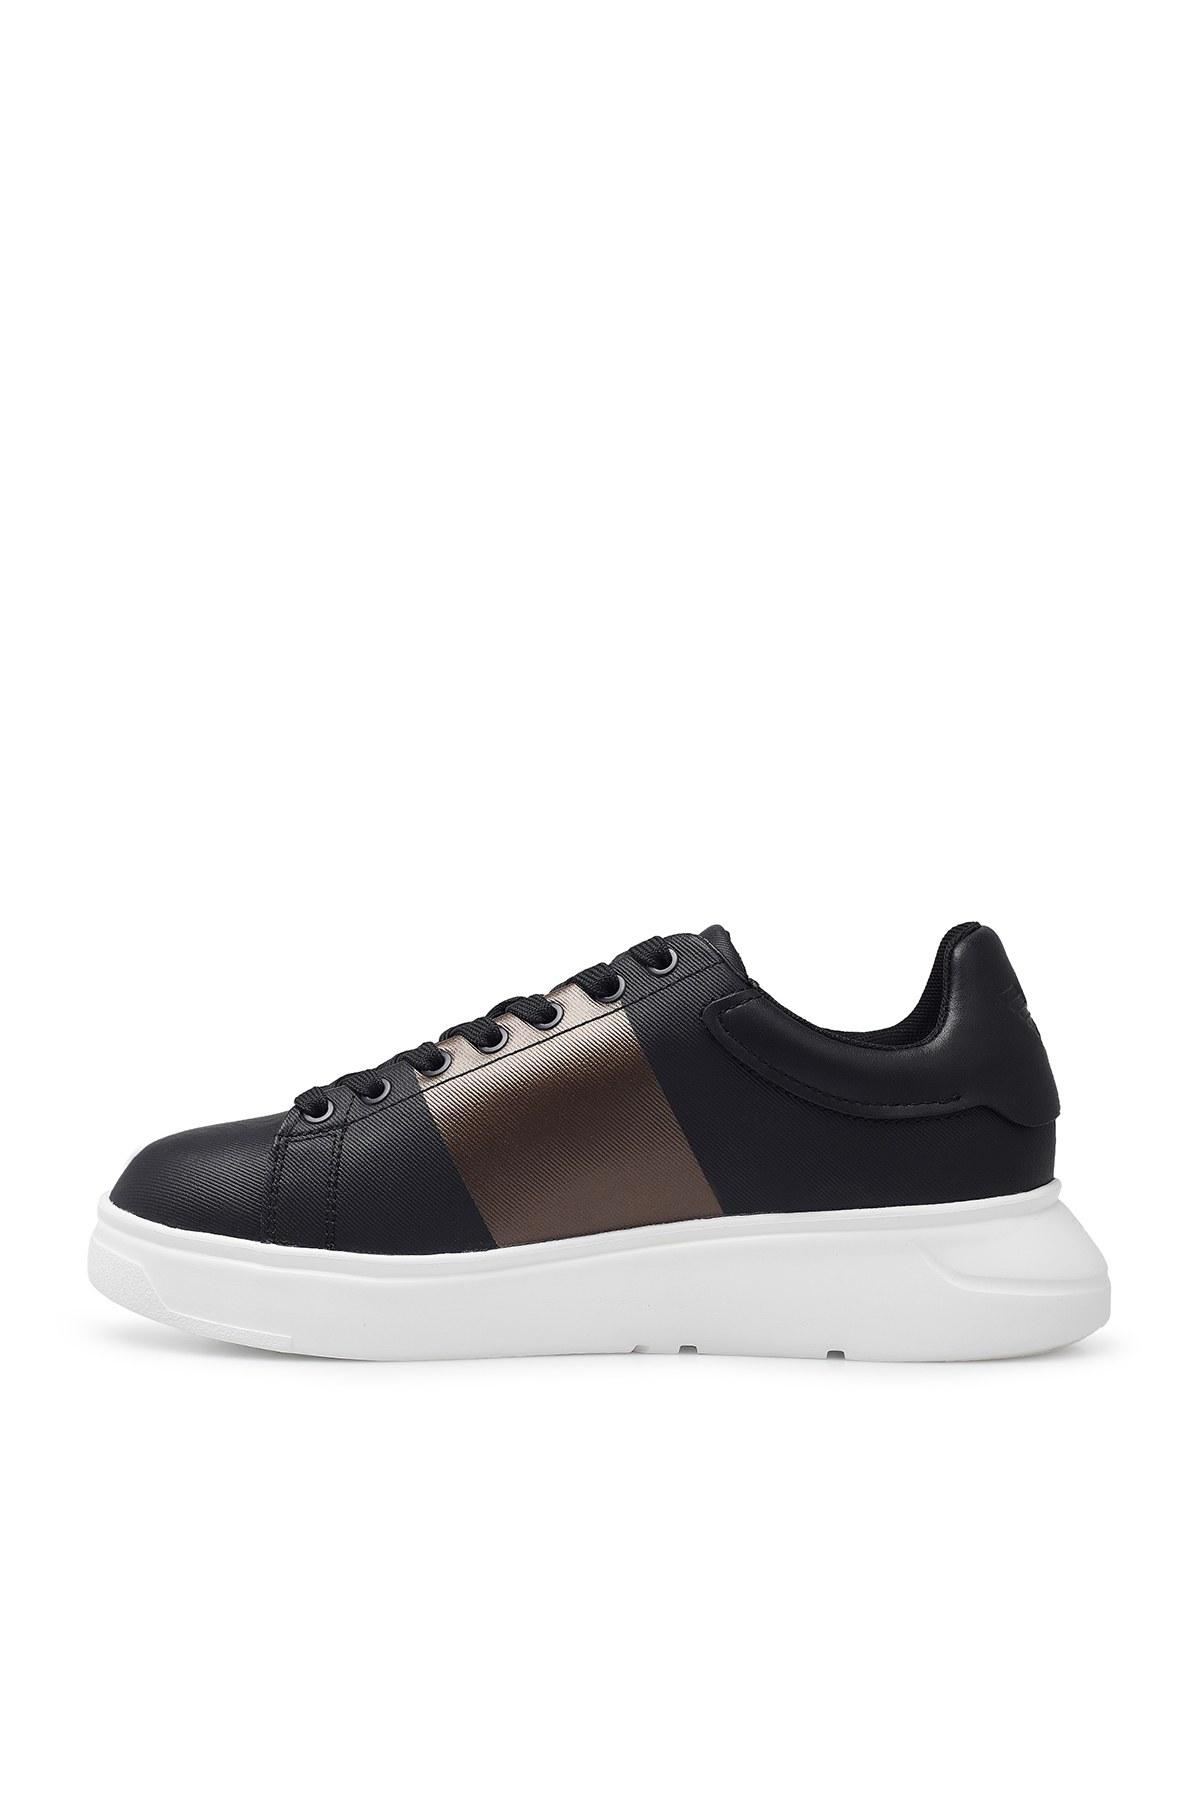 Emporio Armani Erkek Ayakkabı X4X264 XM491 M990 SİYAH-BEYAZ